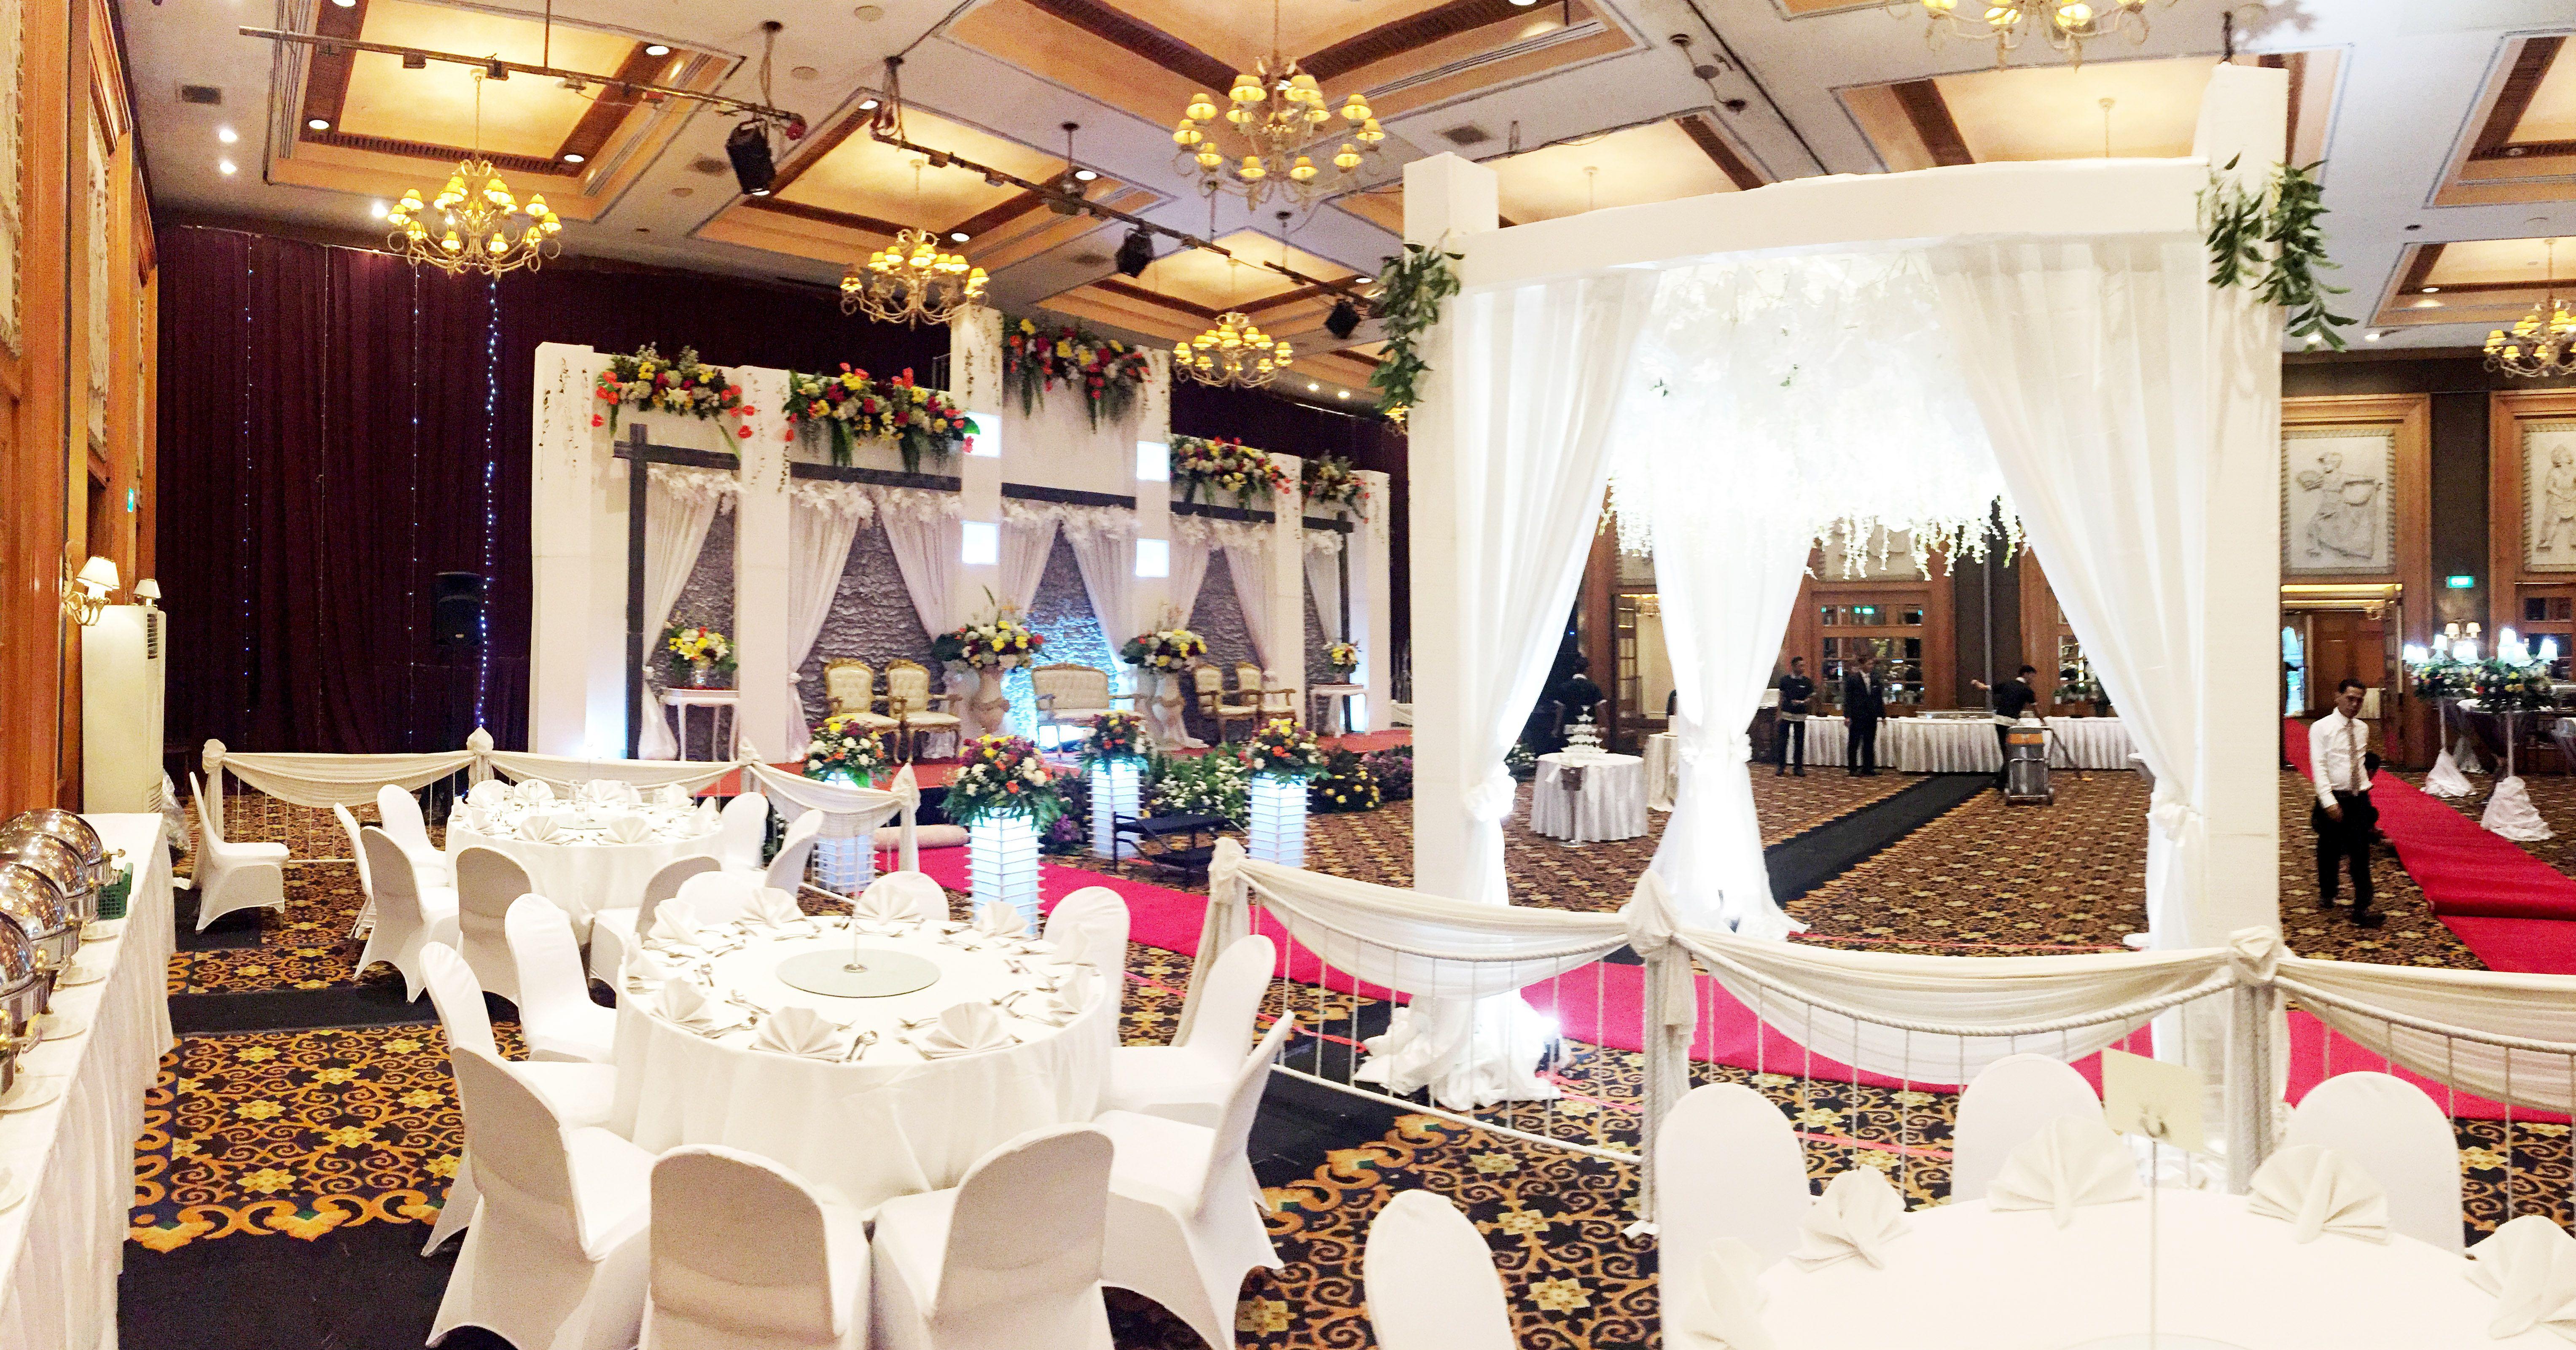 ISYE DEKORASI Rustic Wedding Decoration aryadutahotel Vendor Dekorasi Pernikahan Rustic